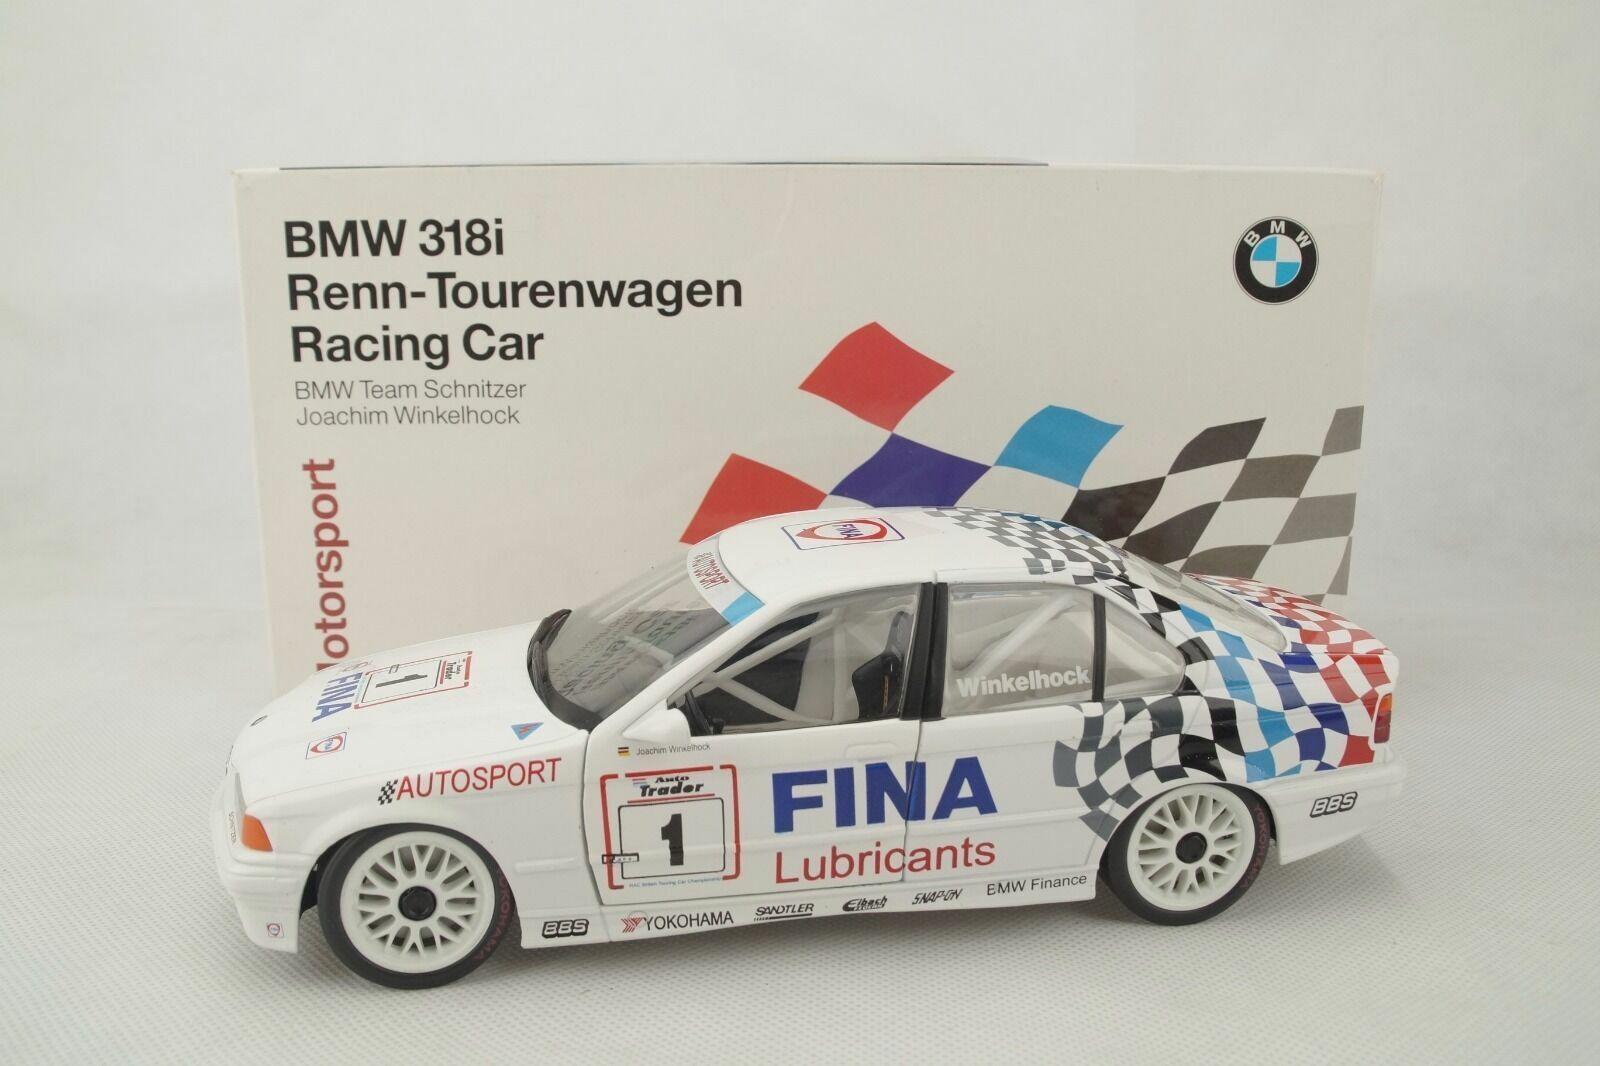 1 18 Dealer modello  80438421111  BMW 318i Winkelhock Fina 1 raritaet